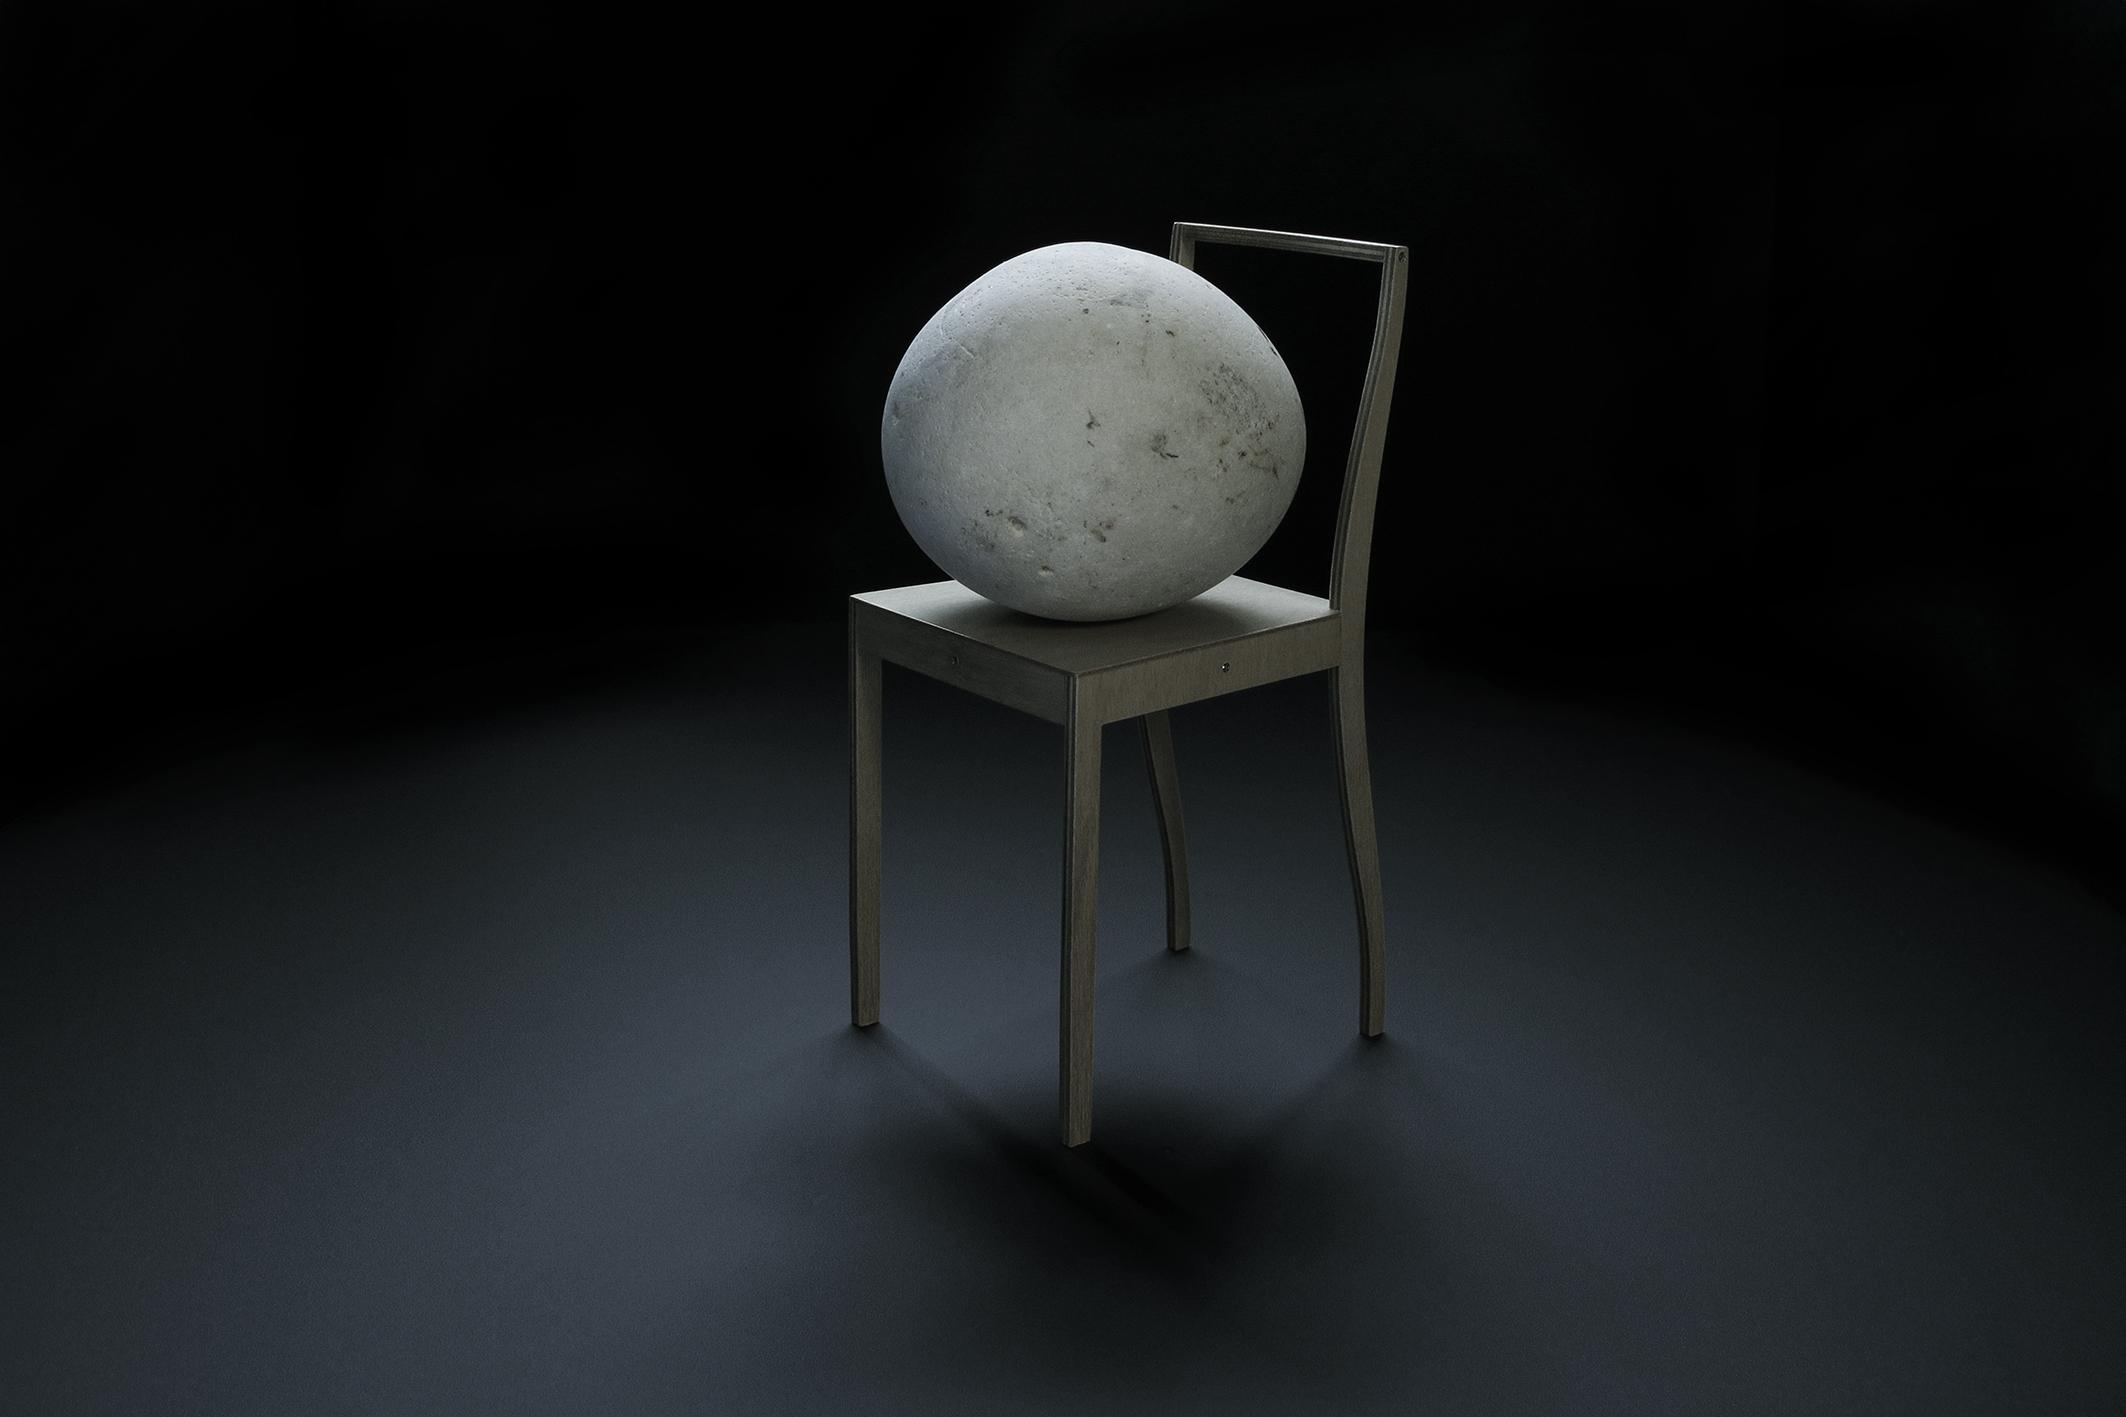 la chaise et la pierre